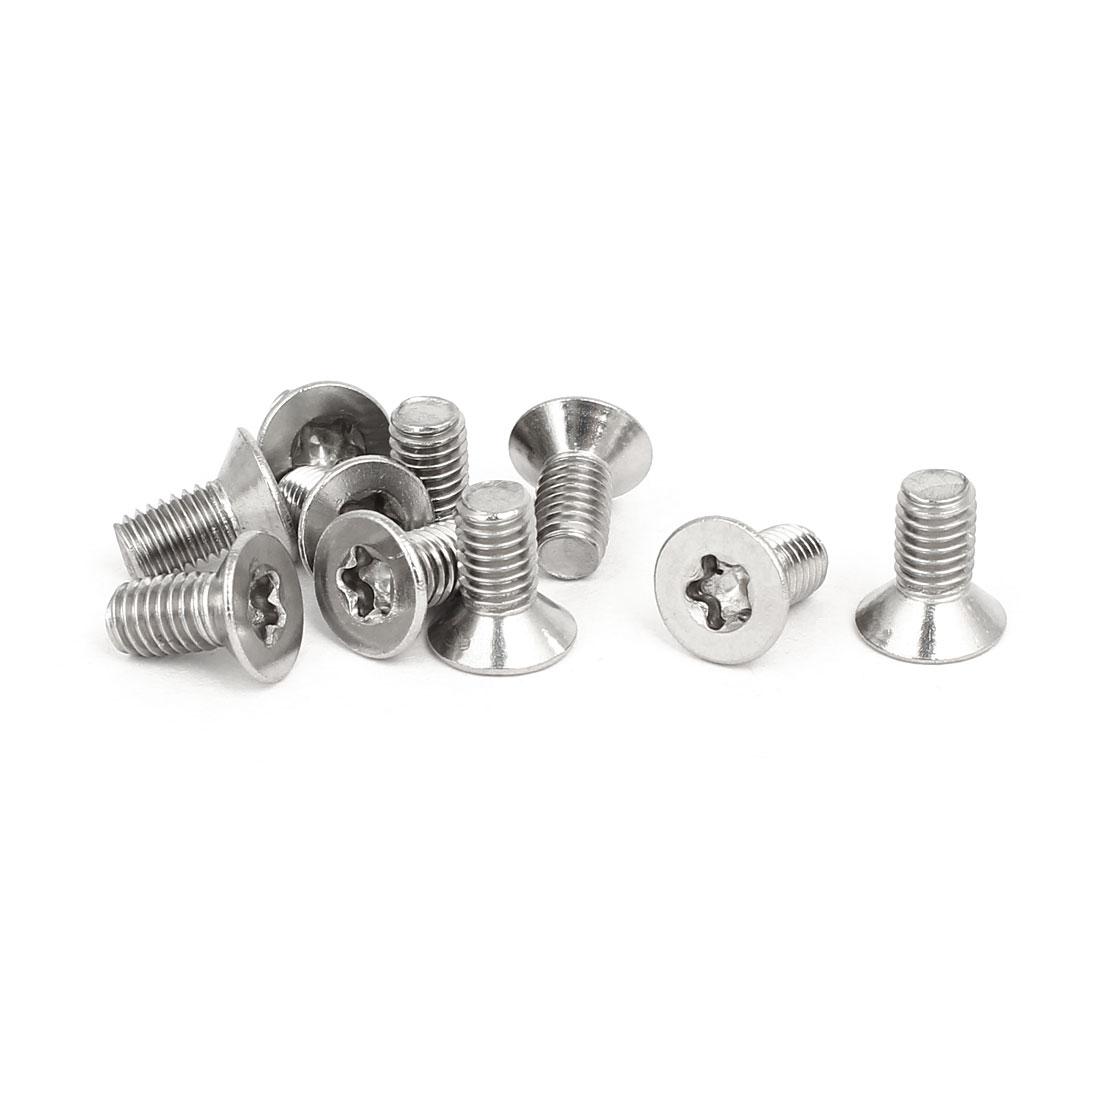 M5x10mm 304 Stainless Steel Countersunk Flat Head Torx Five-Lobe Screw 10pcs